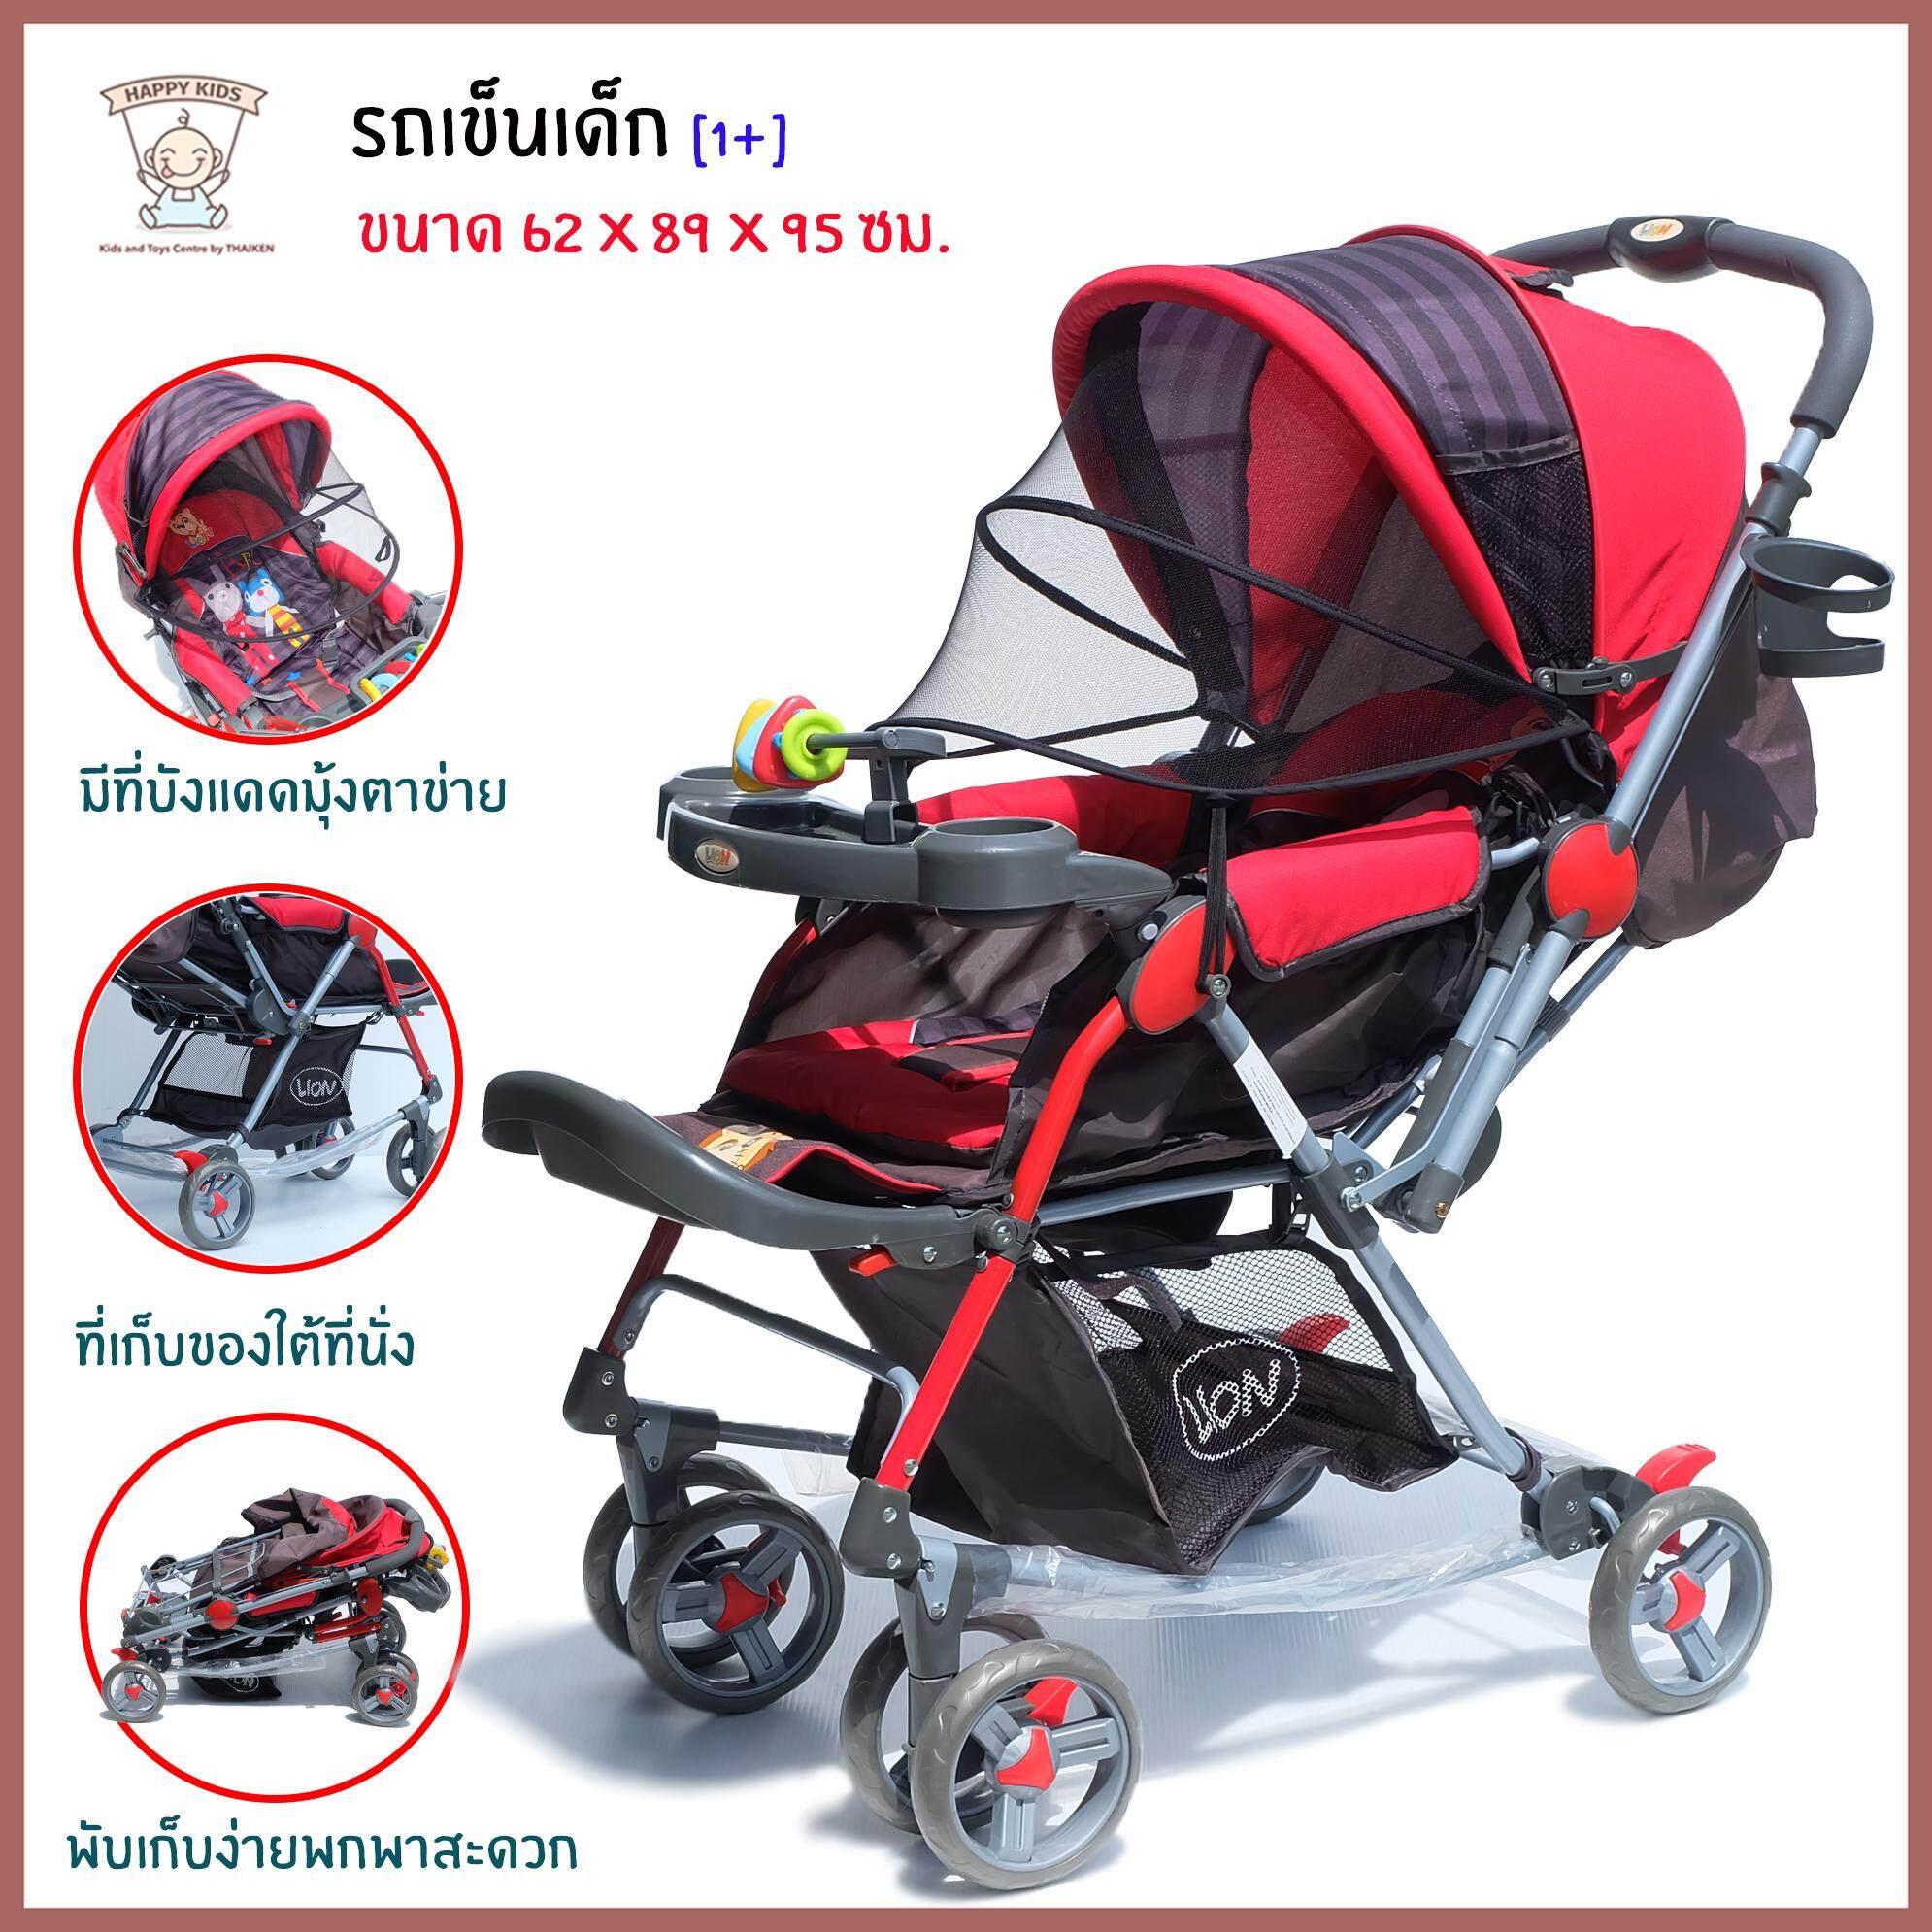 Thaiken รถเข็นเด็กเล็ก 218 (สีแดง)